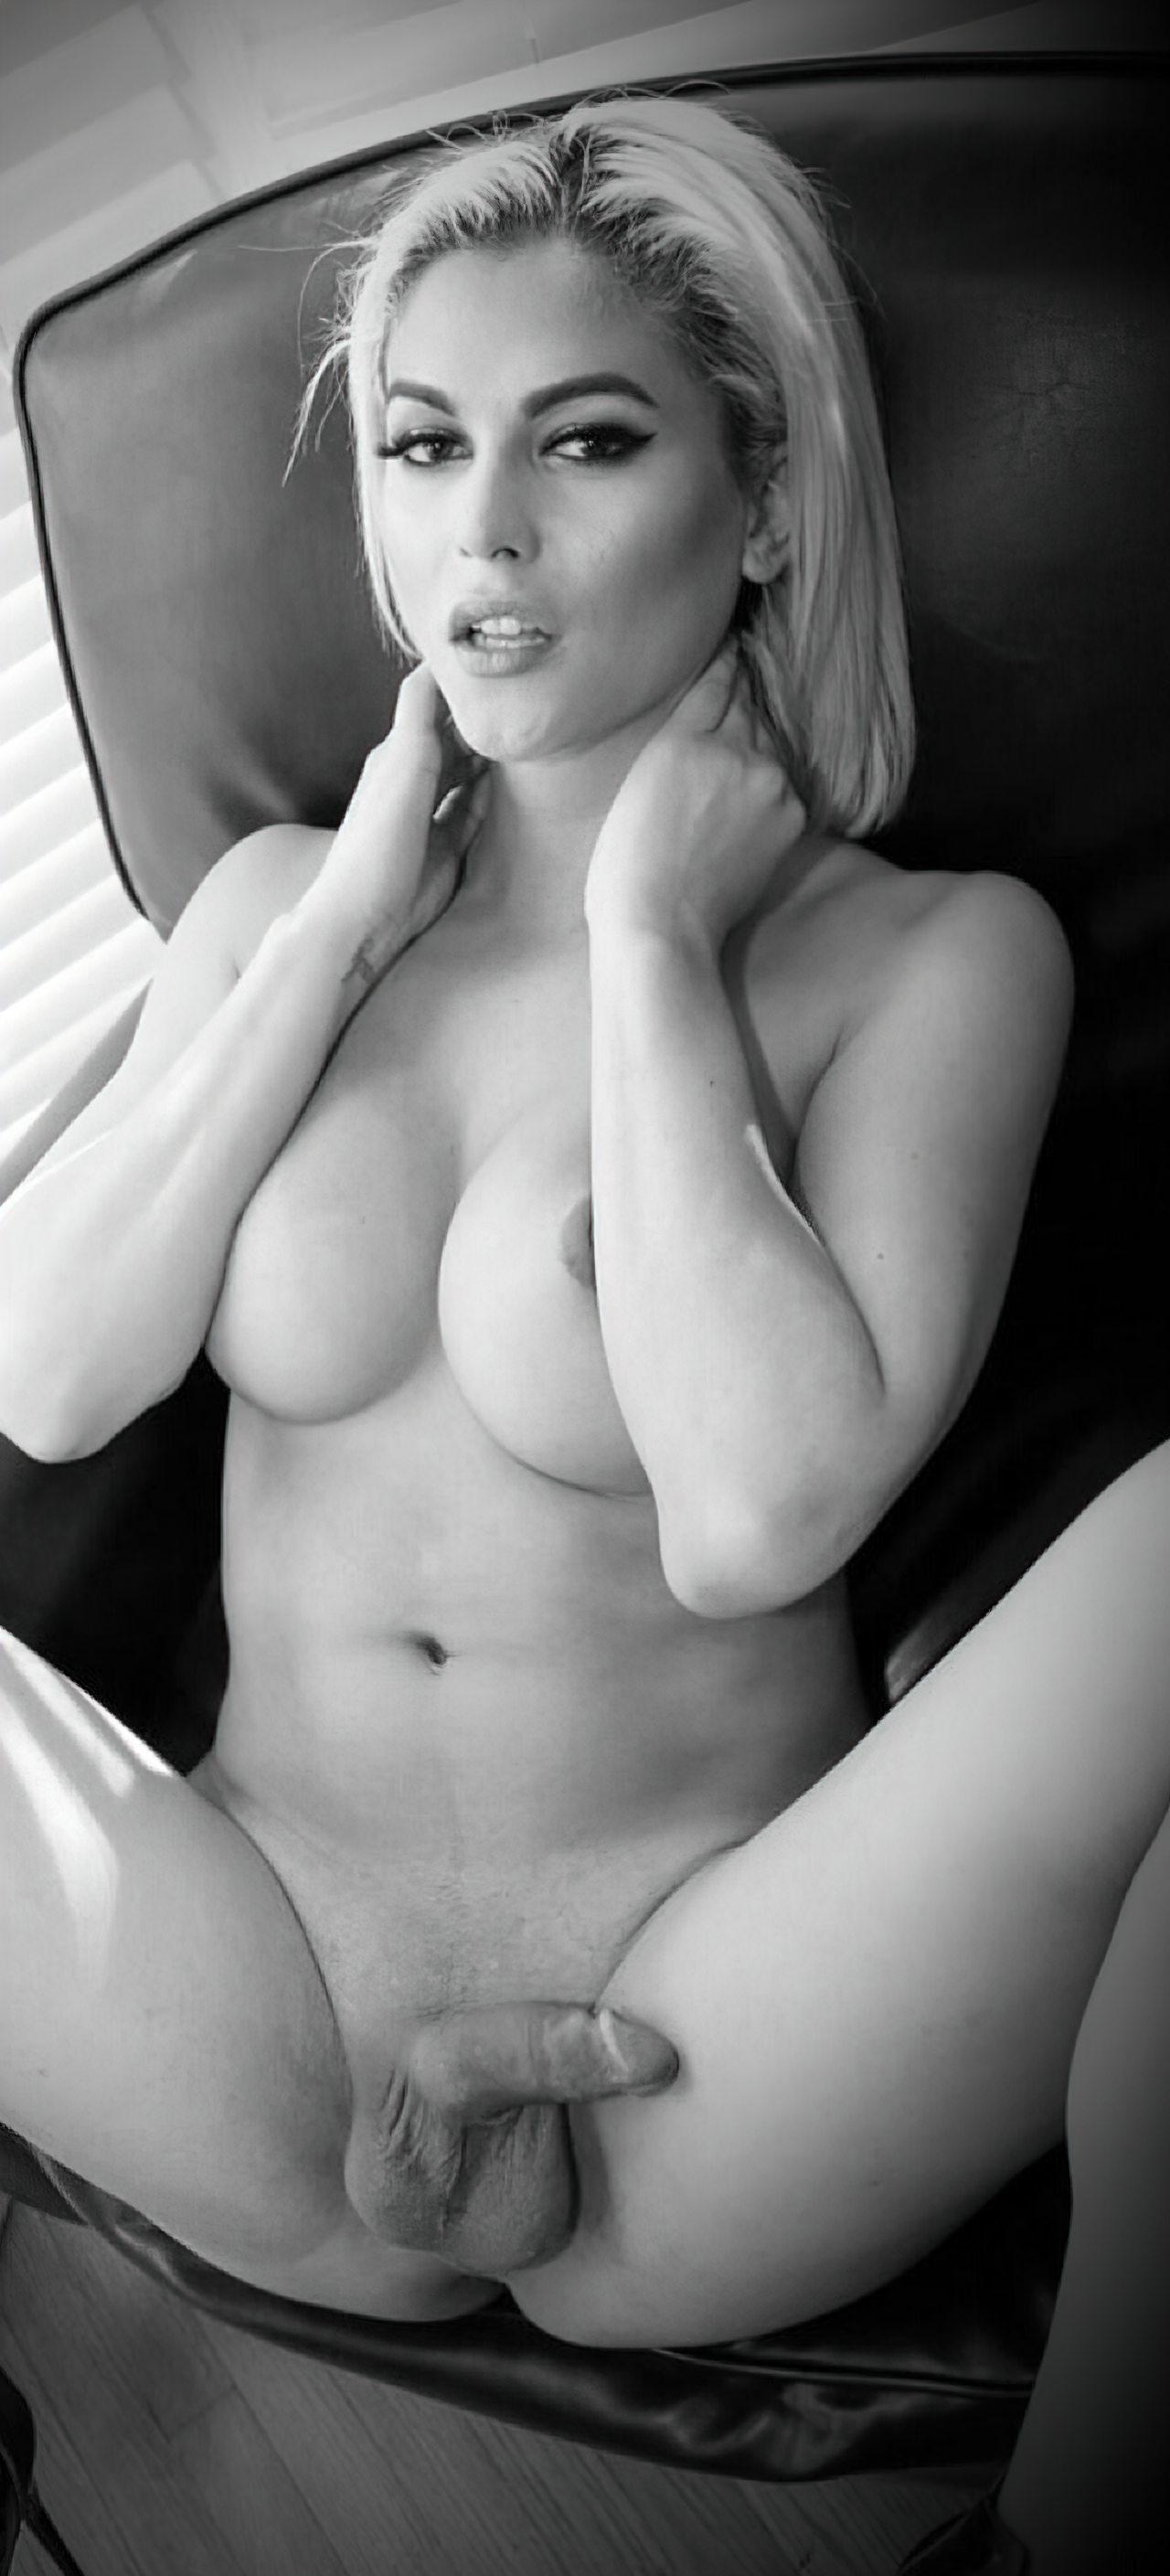 Foto de Trans Mulher (39)